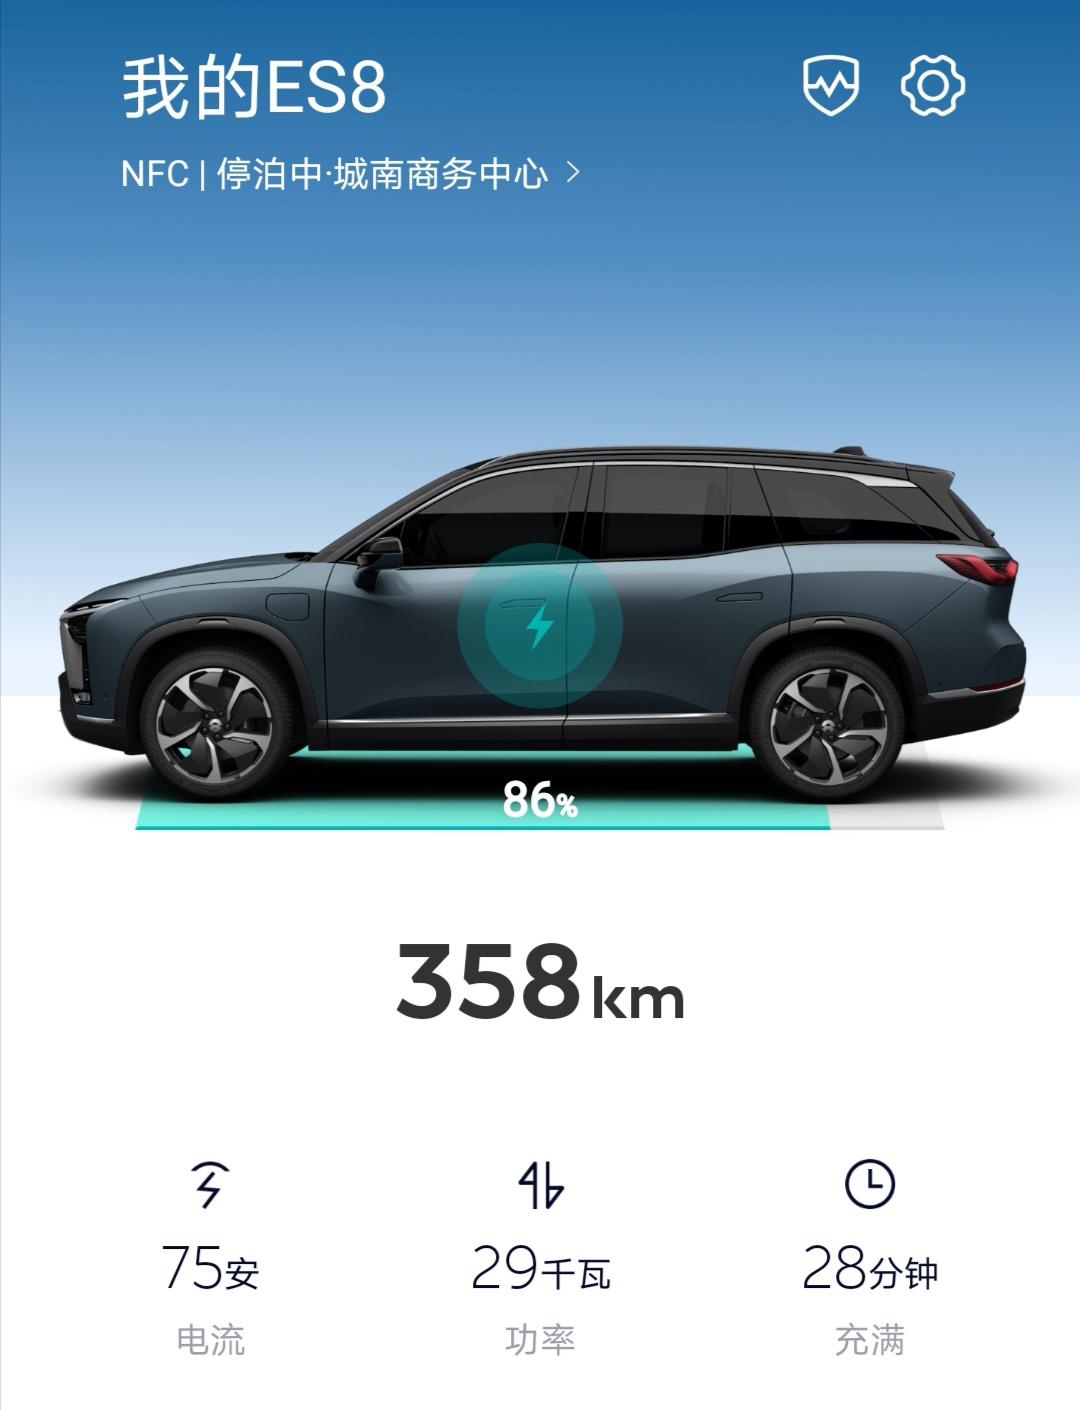 蔚来app中显示的车况_蔚来ES8-口碑精选